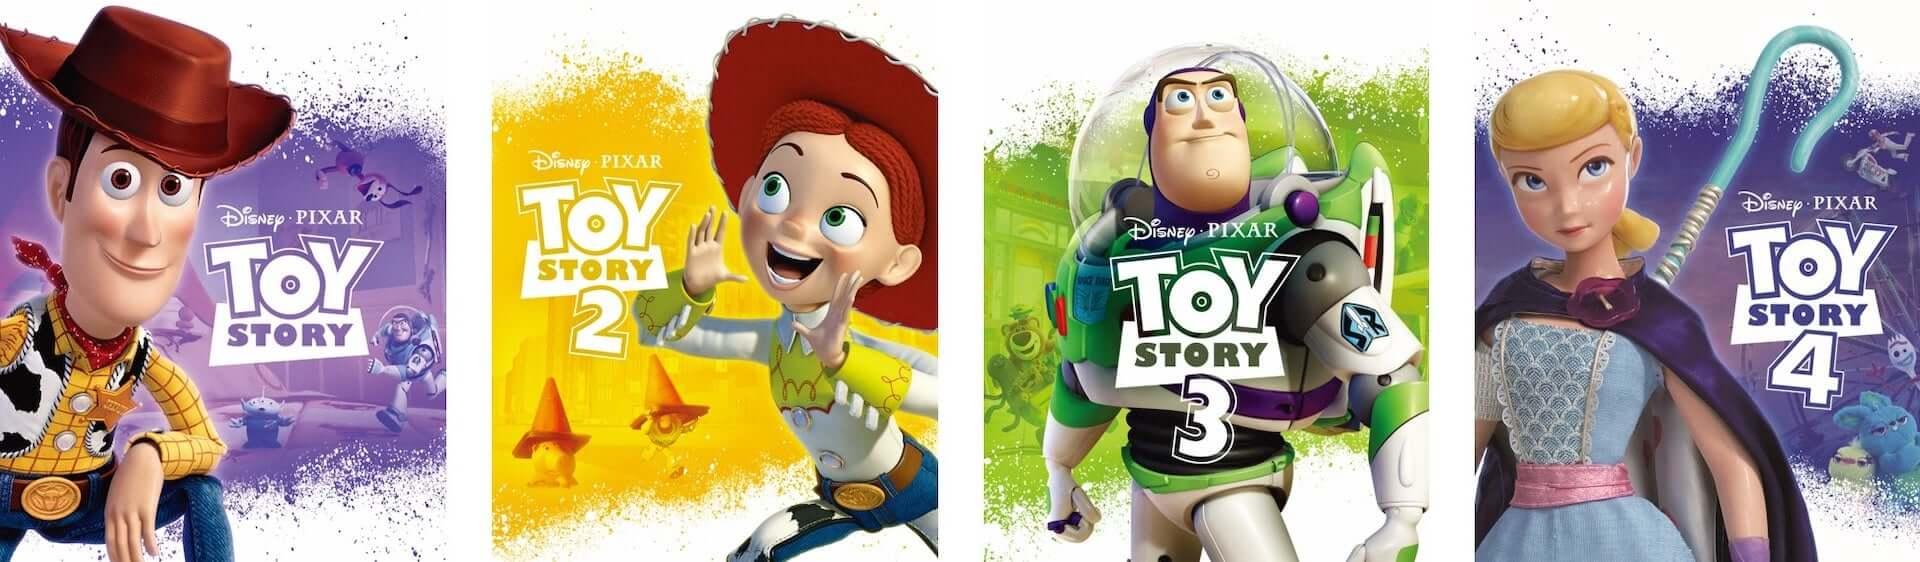 『トイ・ストーリー』25周年記念!ピクサー作品をテーマにしたコンテンツが多数展開&バズ・ライトイヤー初期スケッチも日本初公開 art201008_disney-pixar_11-1920x562